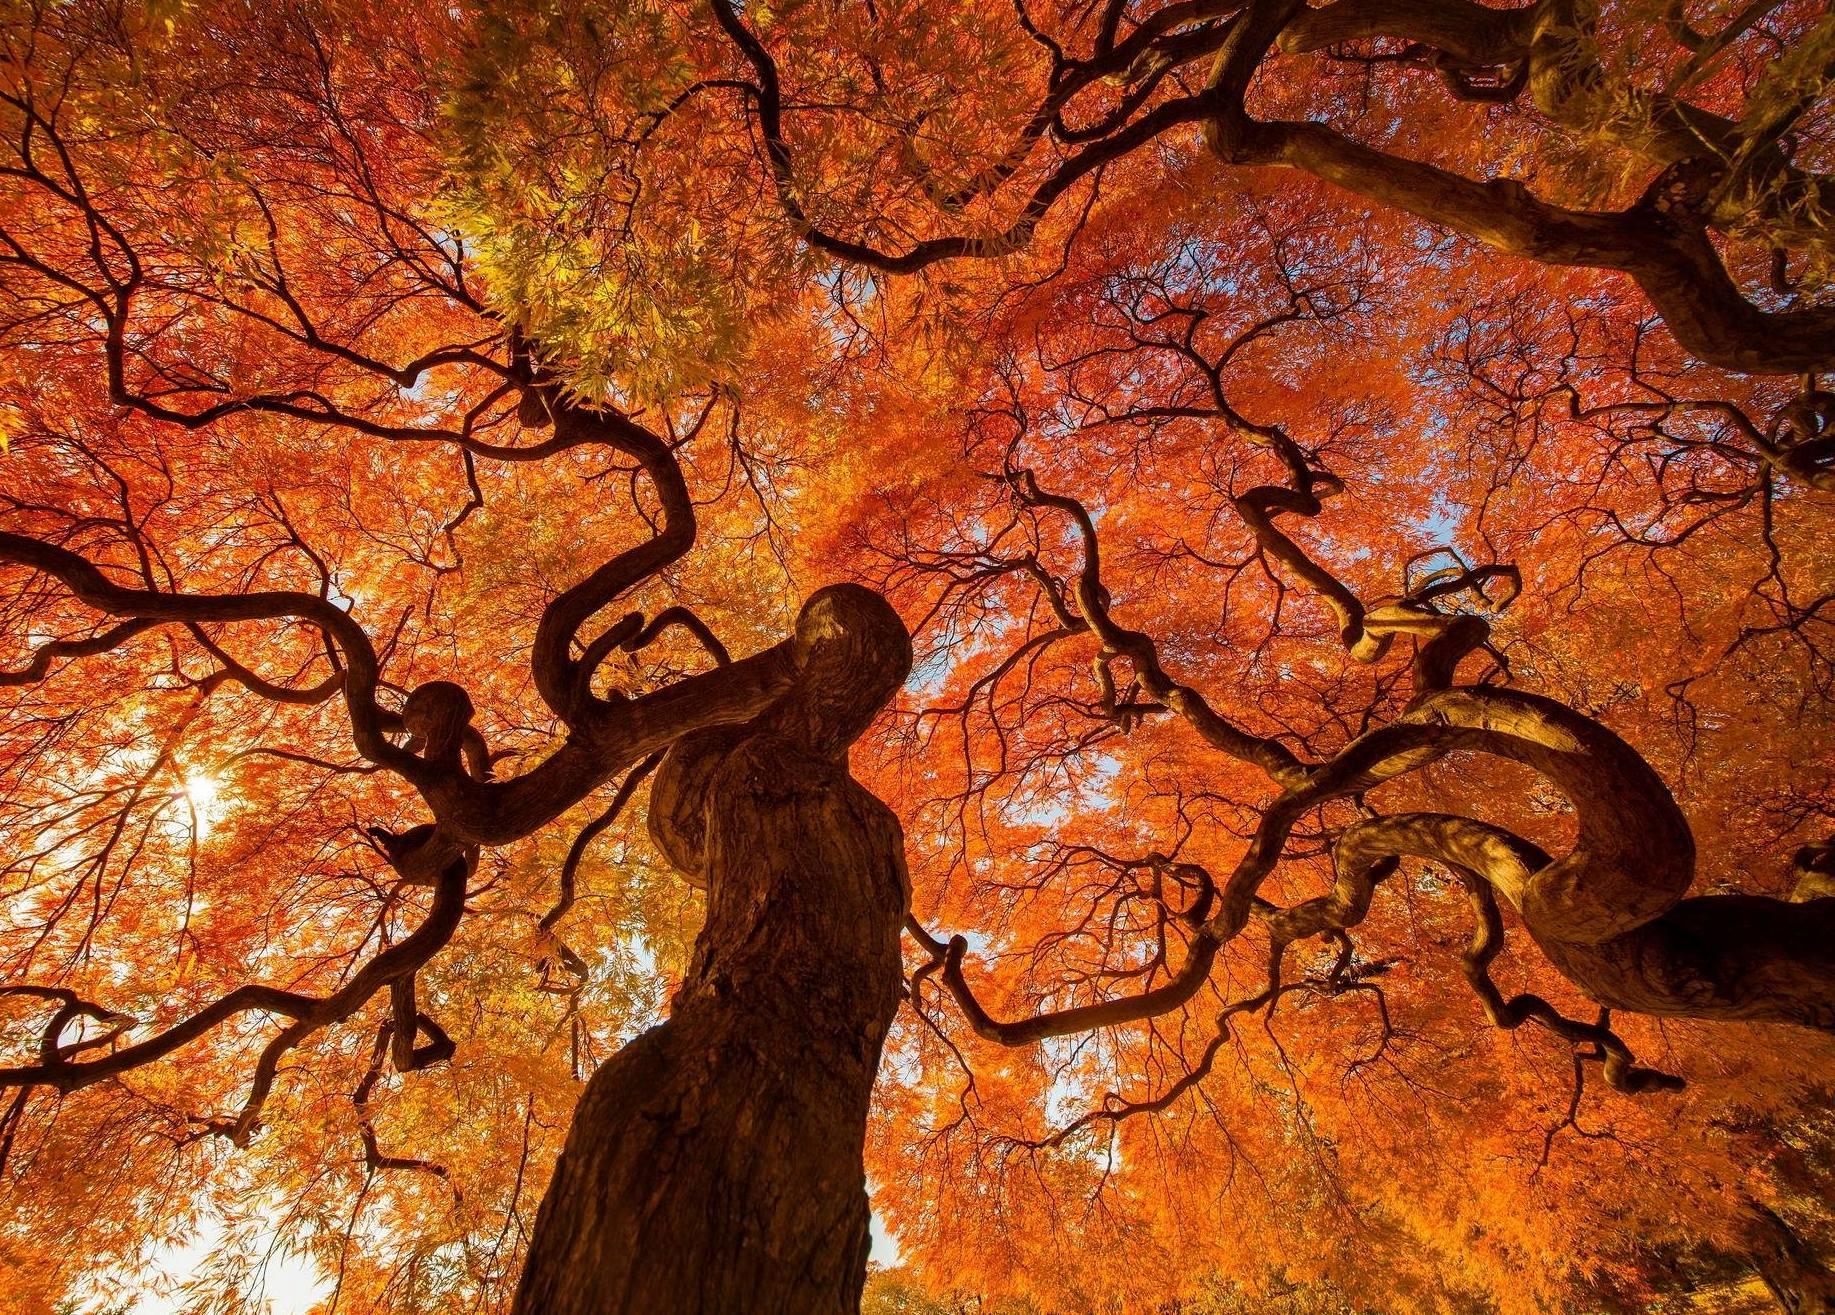 Fall Wallpaper Japan Autumn Tree Fond D 233 Cran And Arri 232 Re Plan 1835x1315 Id